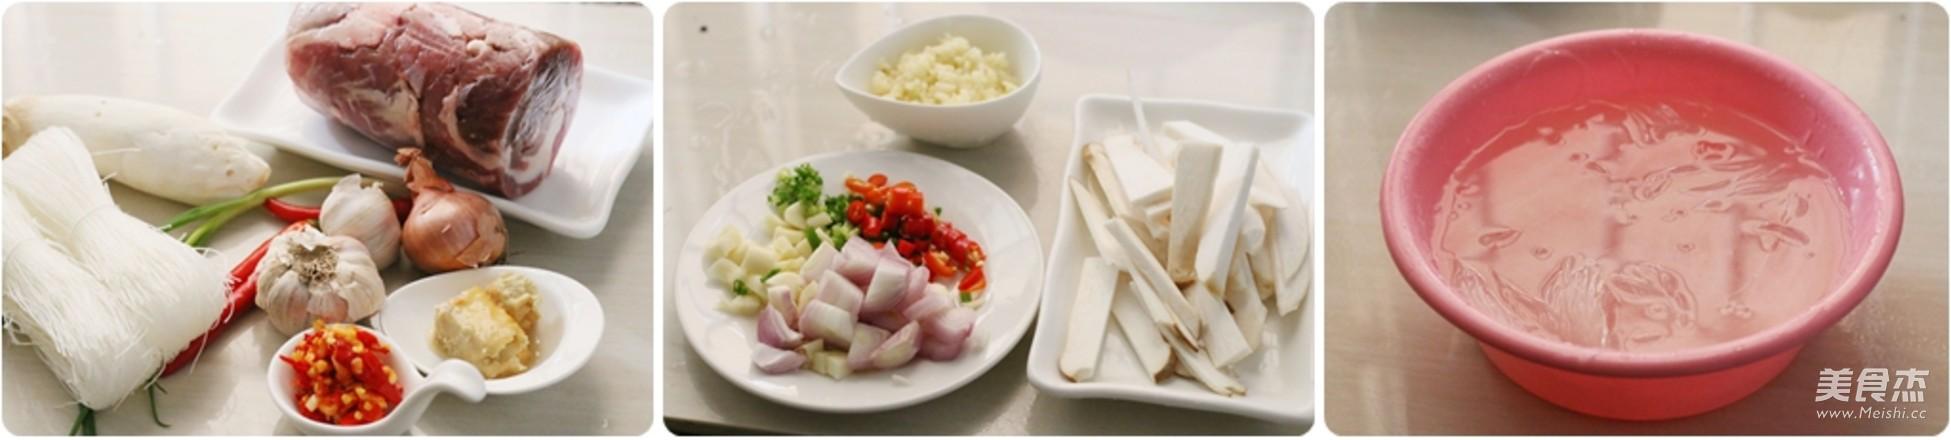 砂锅羊肉粉丝煲的做法大全